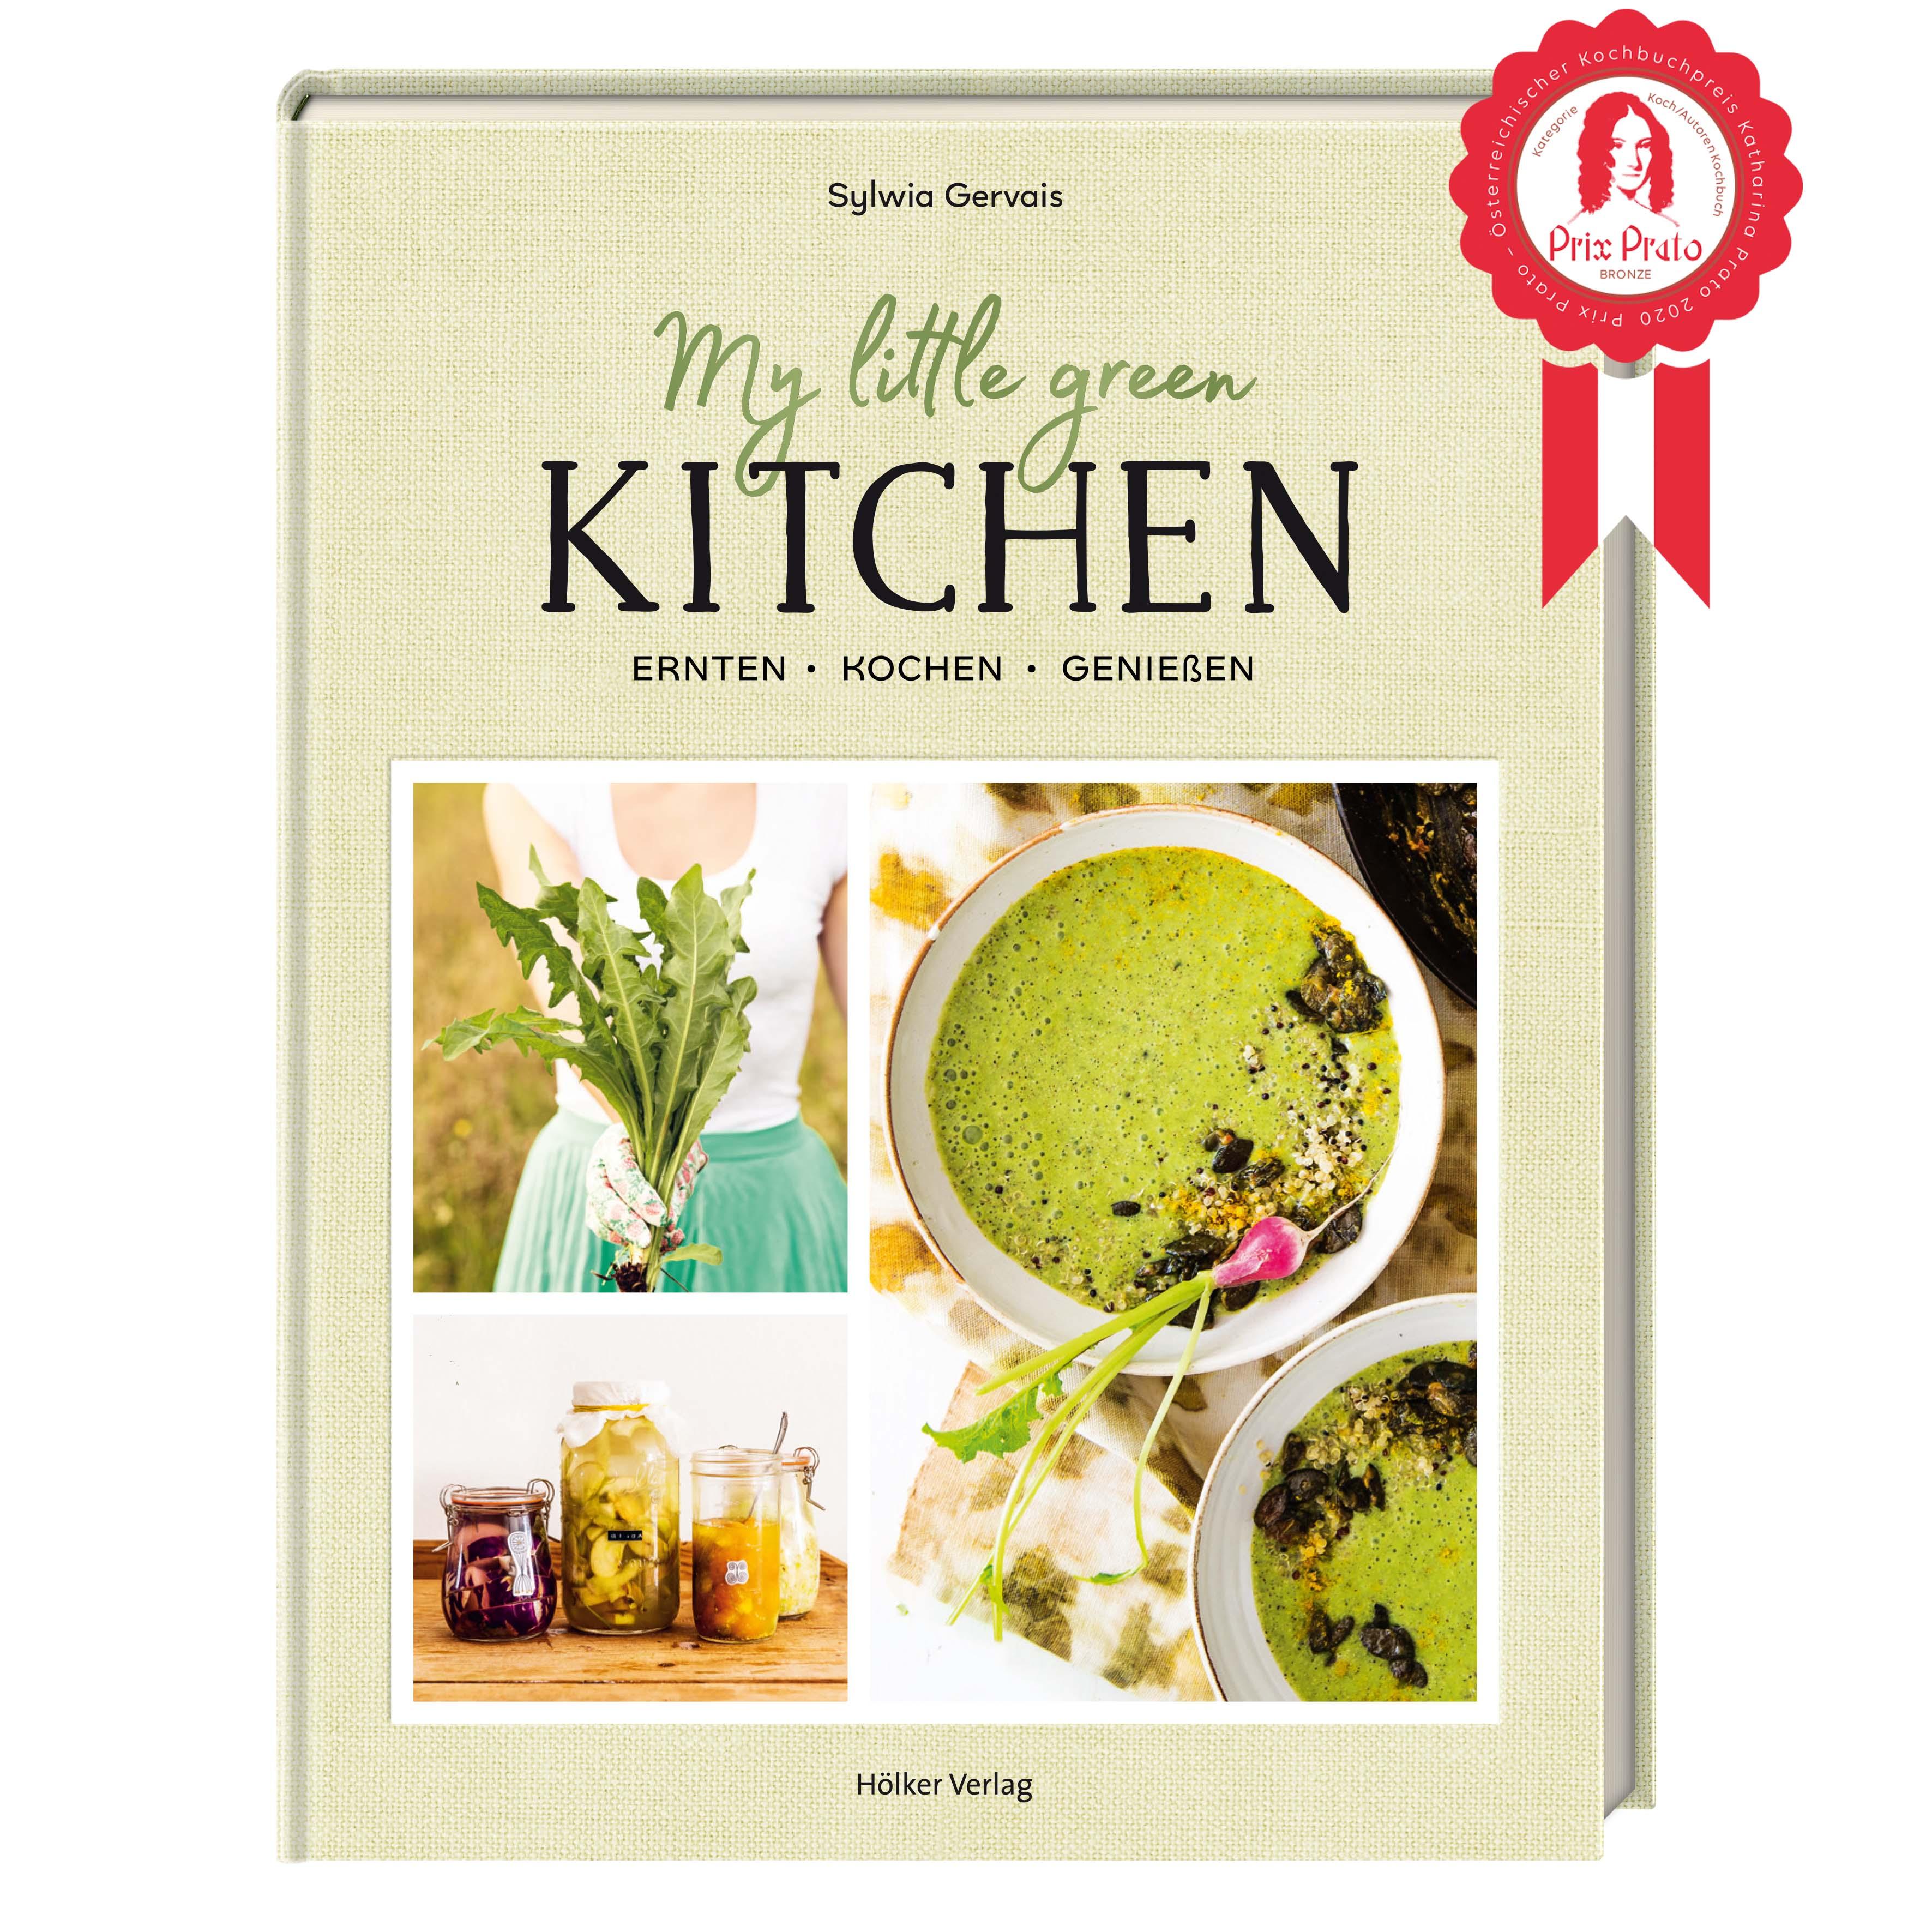 My Little Green Kitchen - Ernten, kochen, genießen